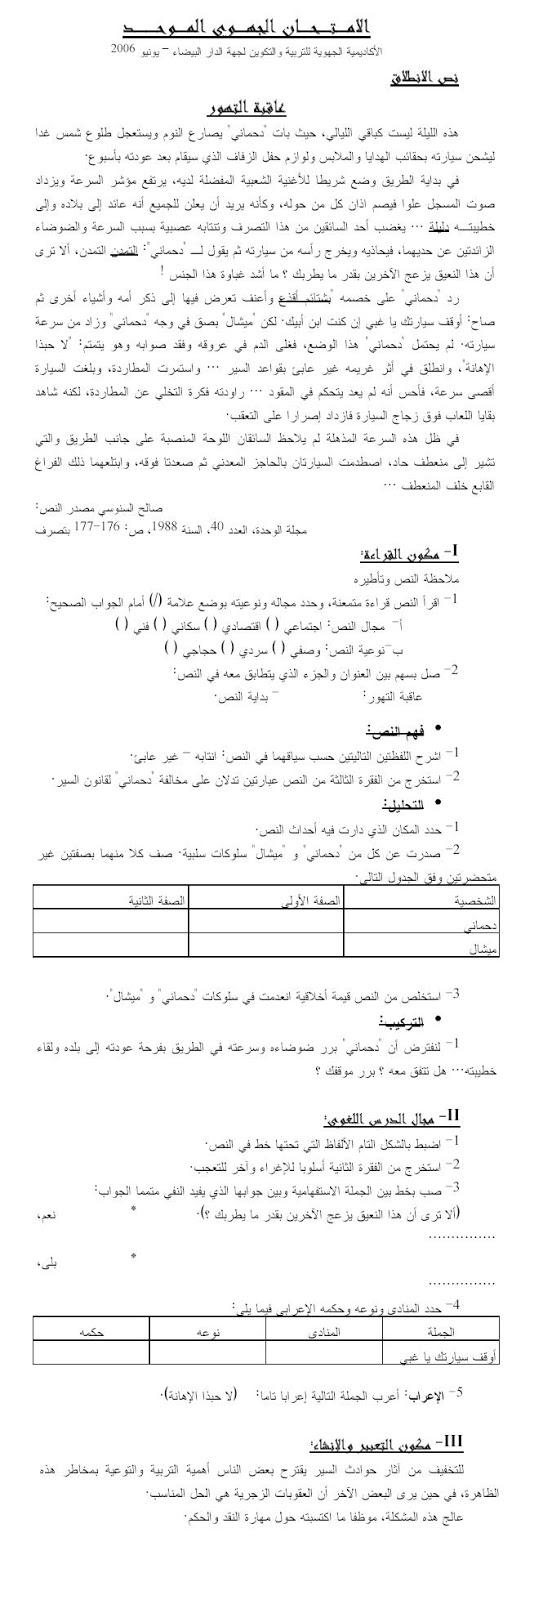 الامتحان الجهوي الموحد اللغة العربية جهة الدار البيضاء – يونيو 2006